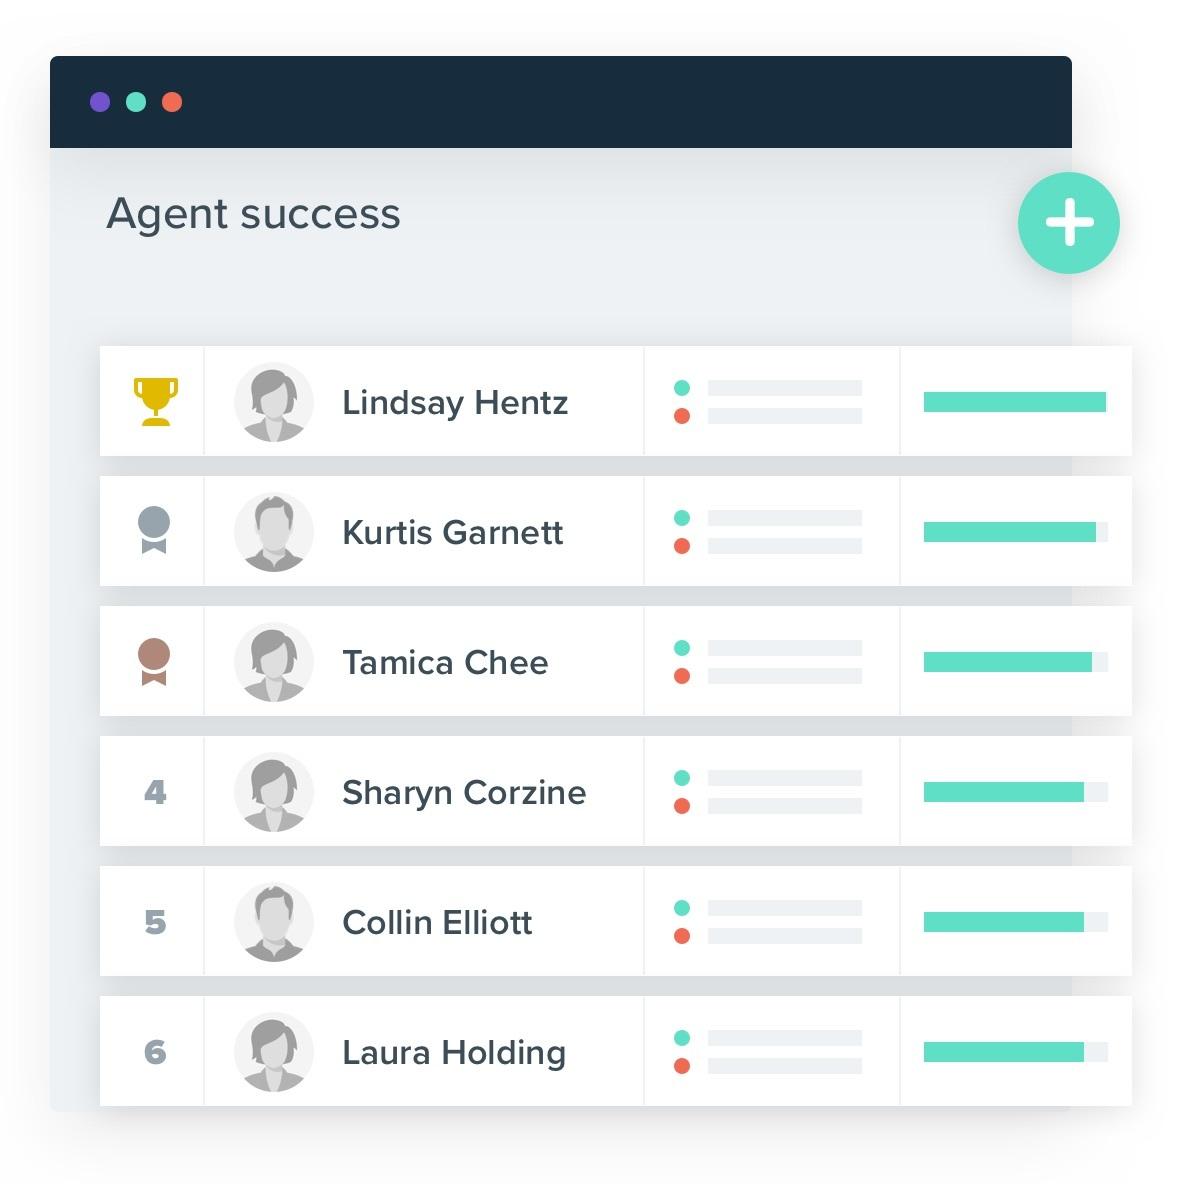 Agent success 1